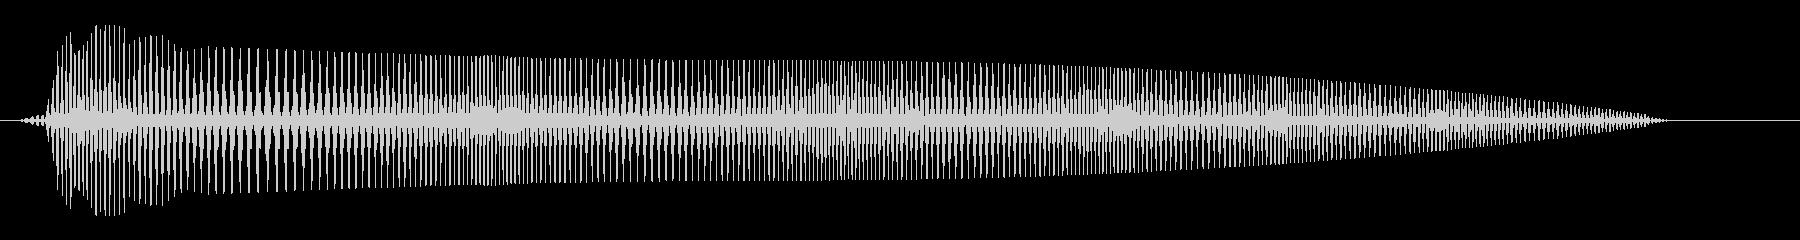 ブワワワワ〜ン(ゆるく気が抜ける振動音)の未再生の波形